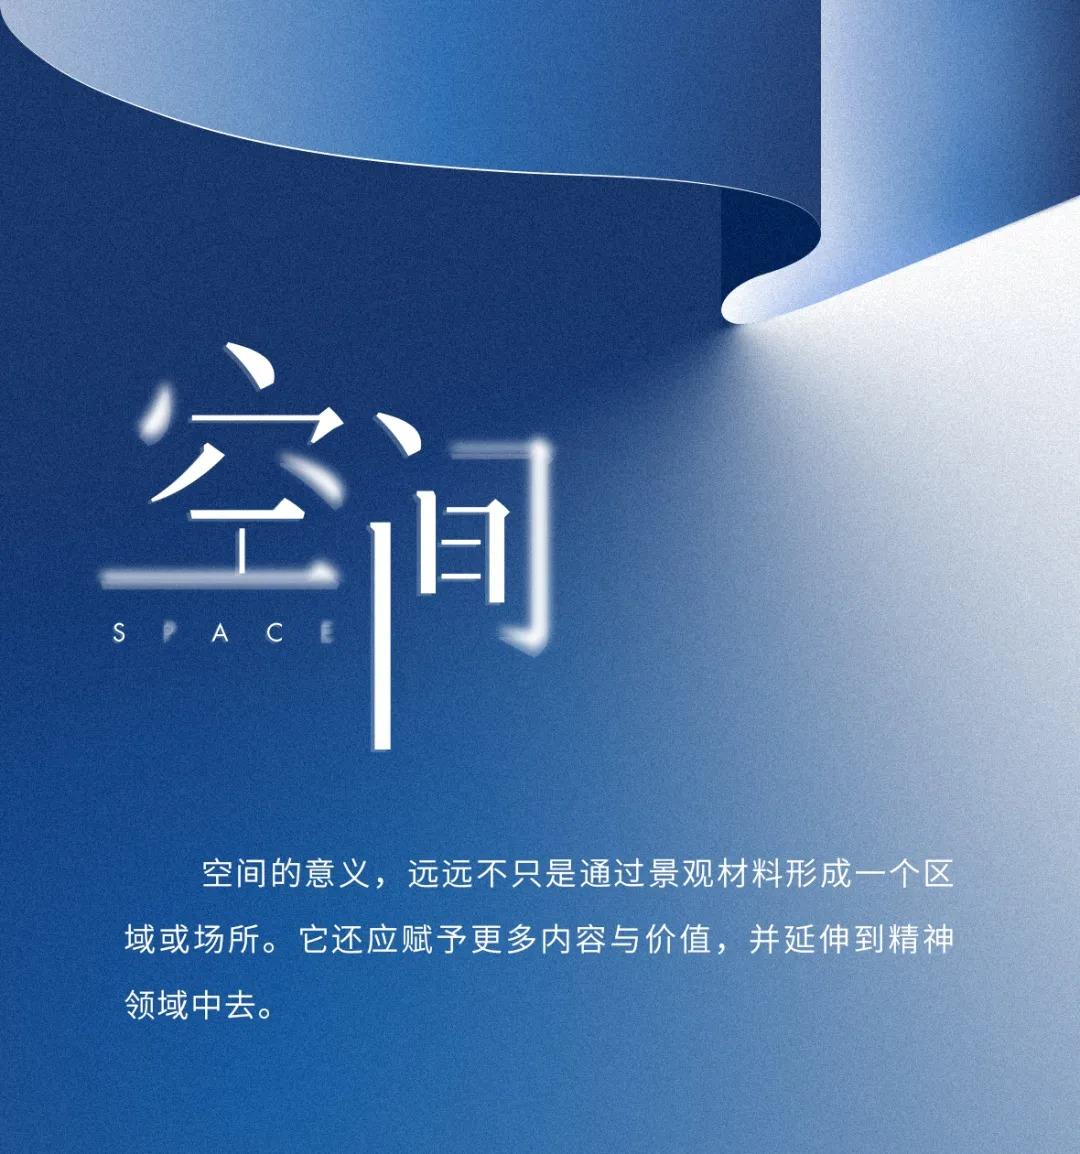 南昌 洪大新力合悦滨江 景观设计 / 赛肯思